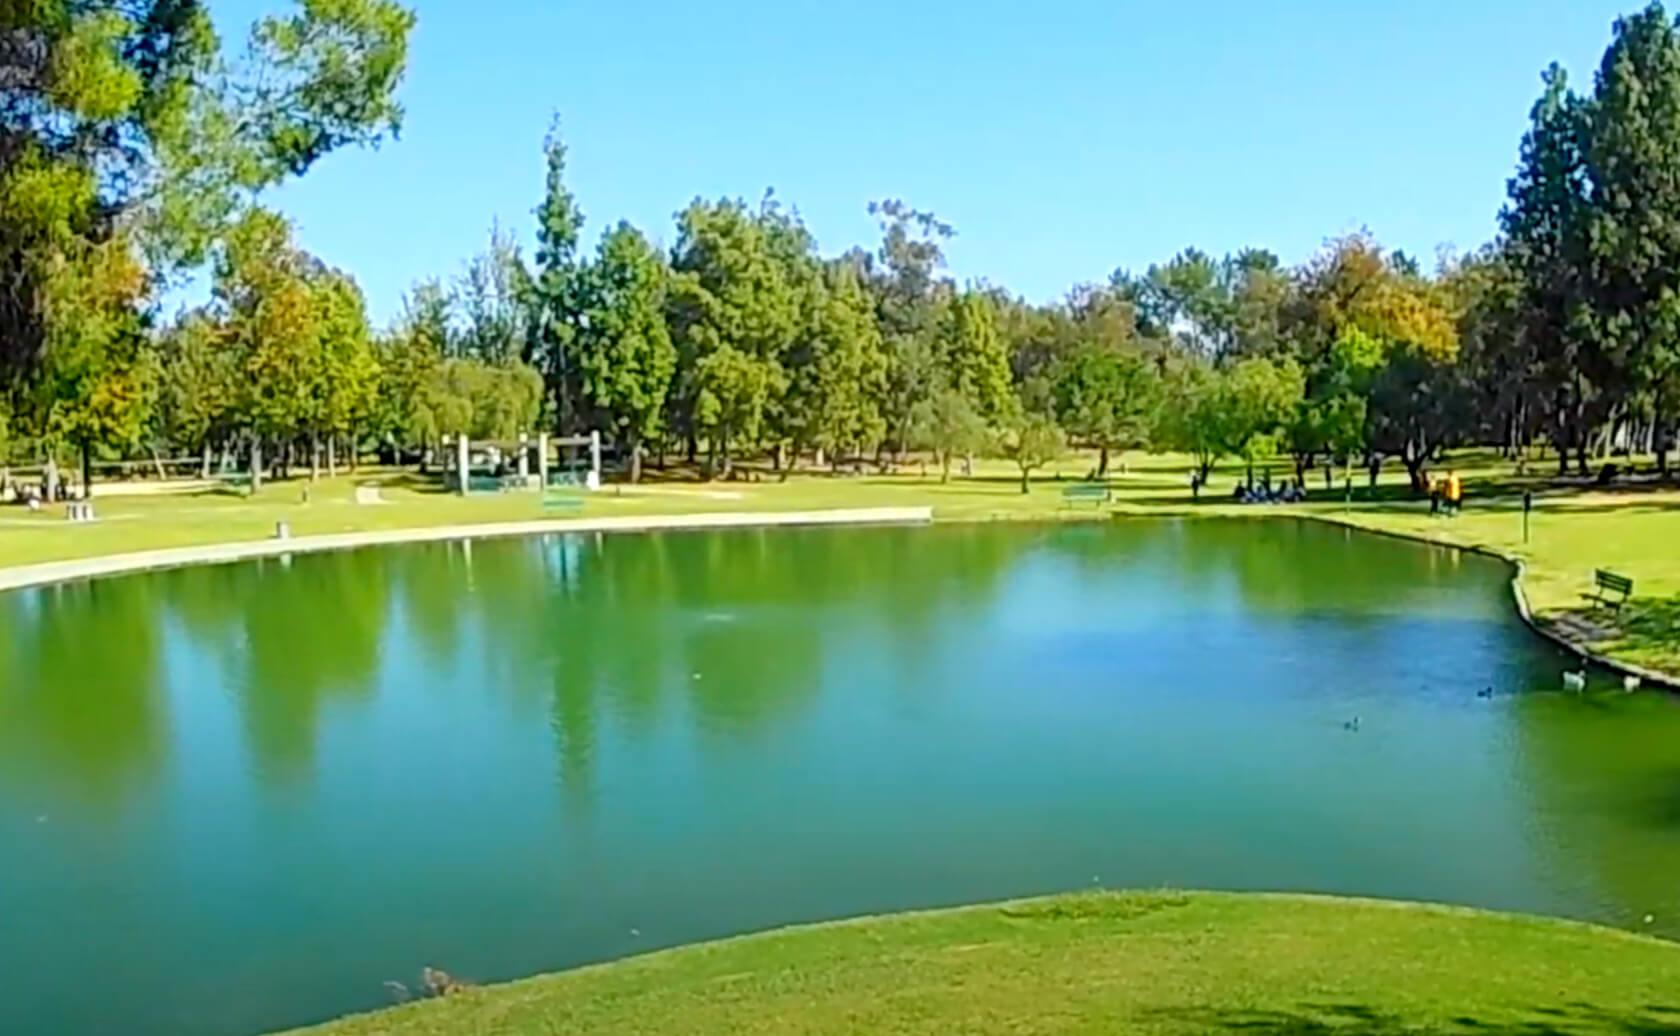 Craig-Regional-Park-Lake-Fishing-Guide-Report-Fullerton-CA-10